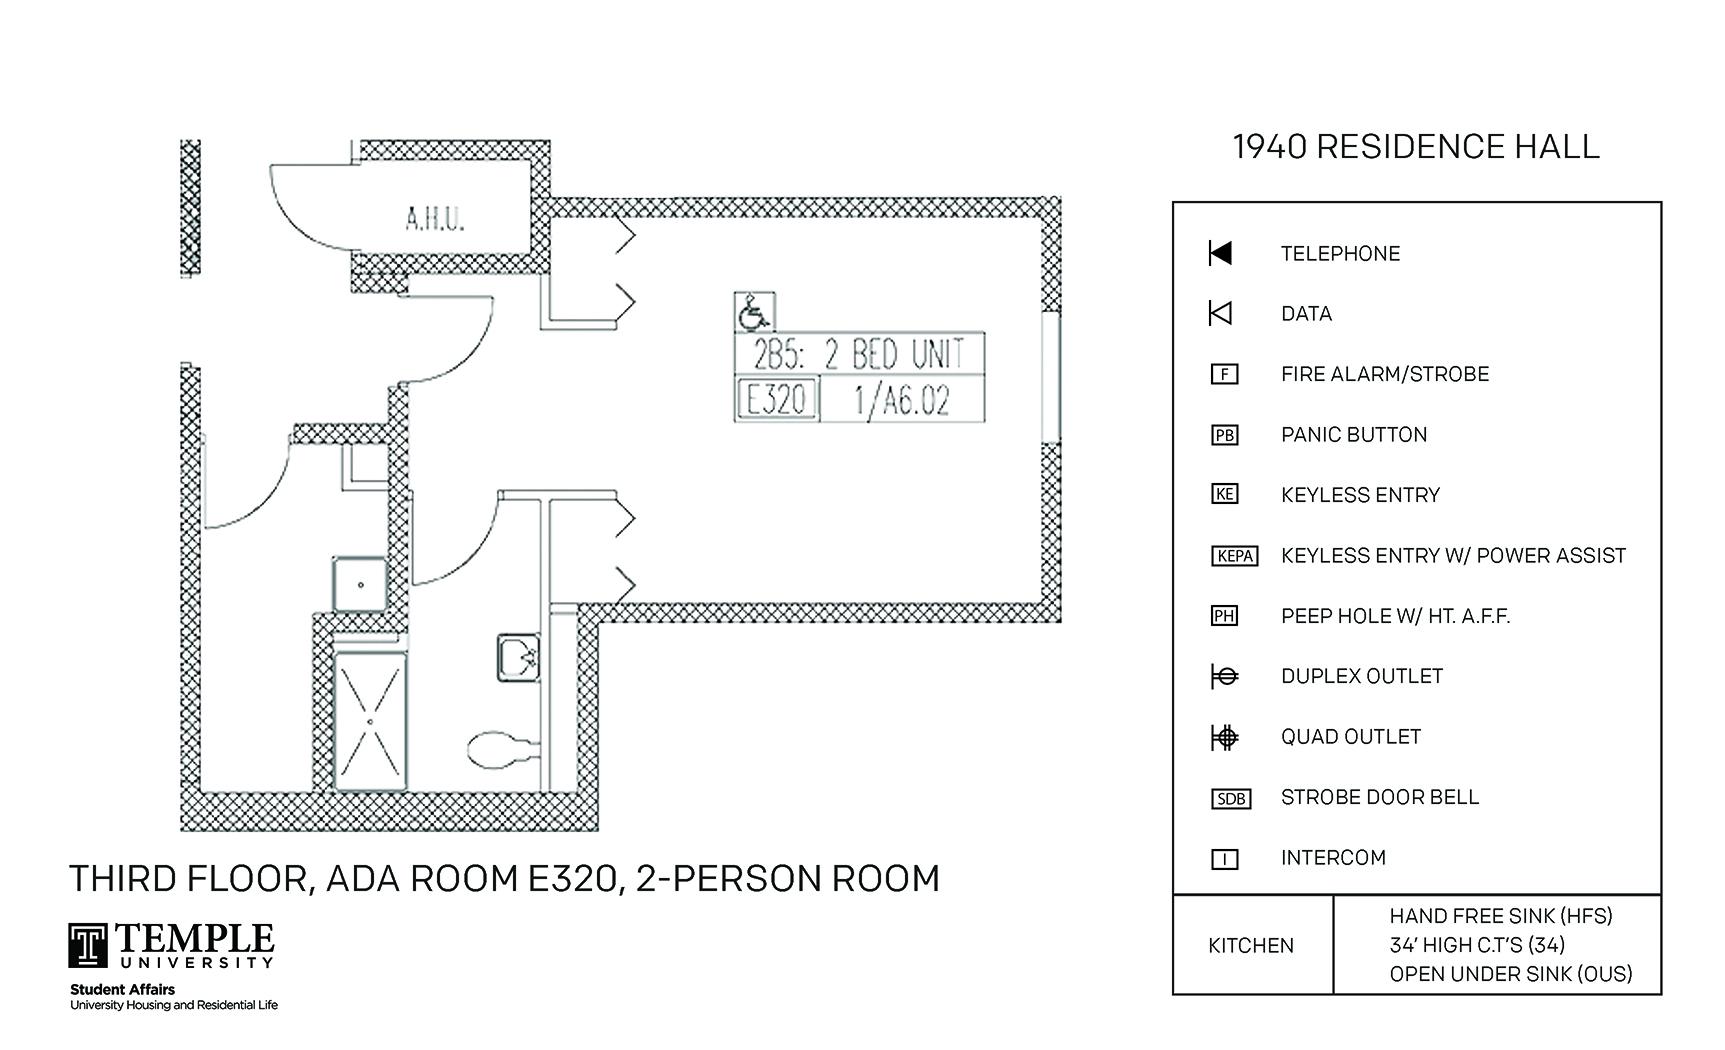 Accessible Room Diagrams: 2 person, 1 bedroom Suite - E320